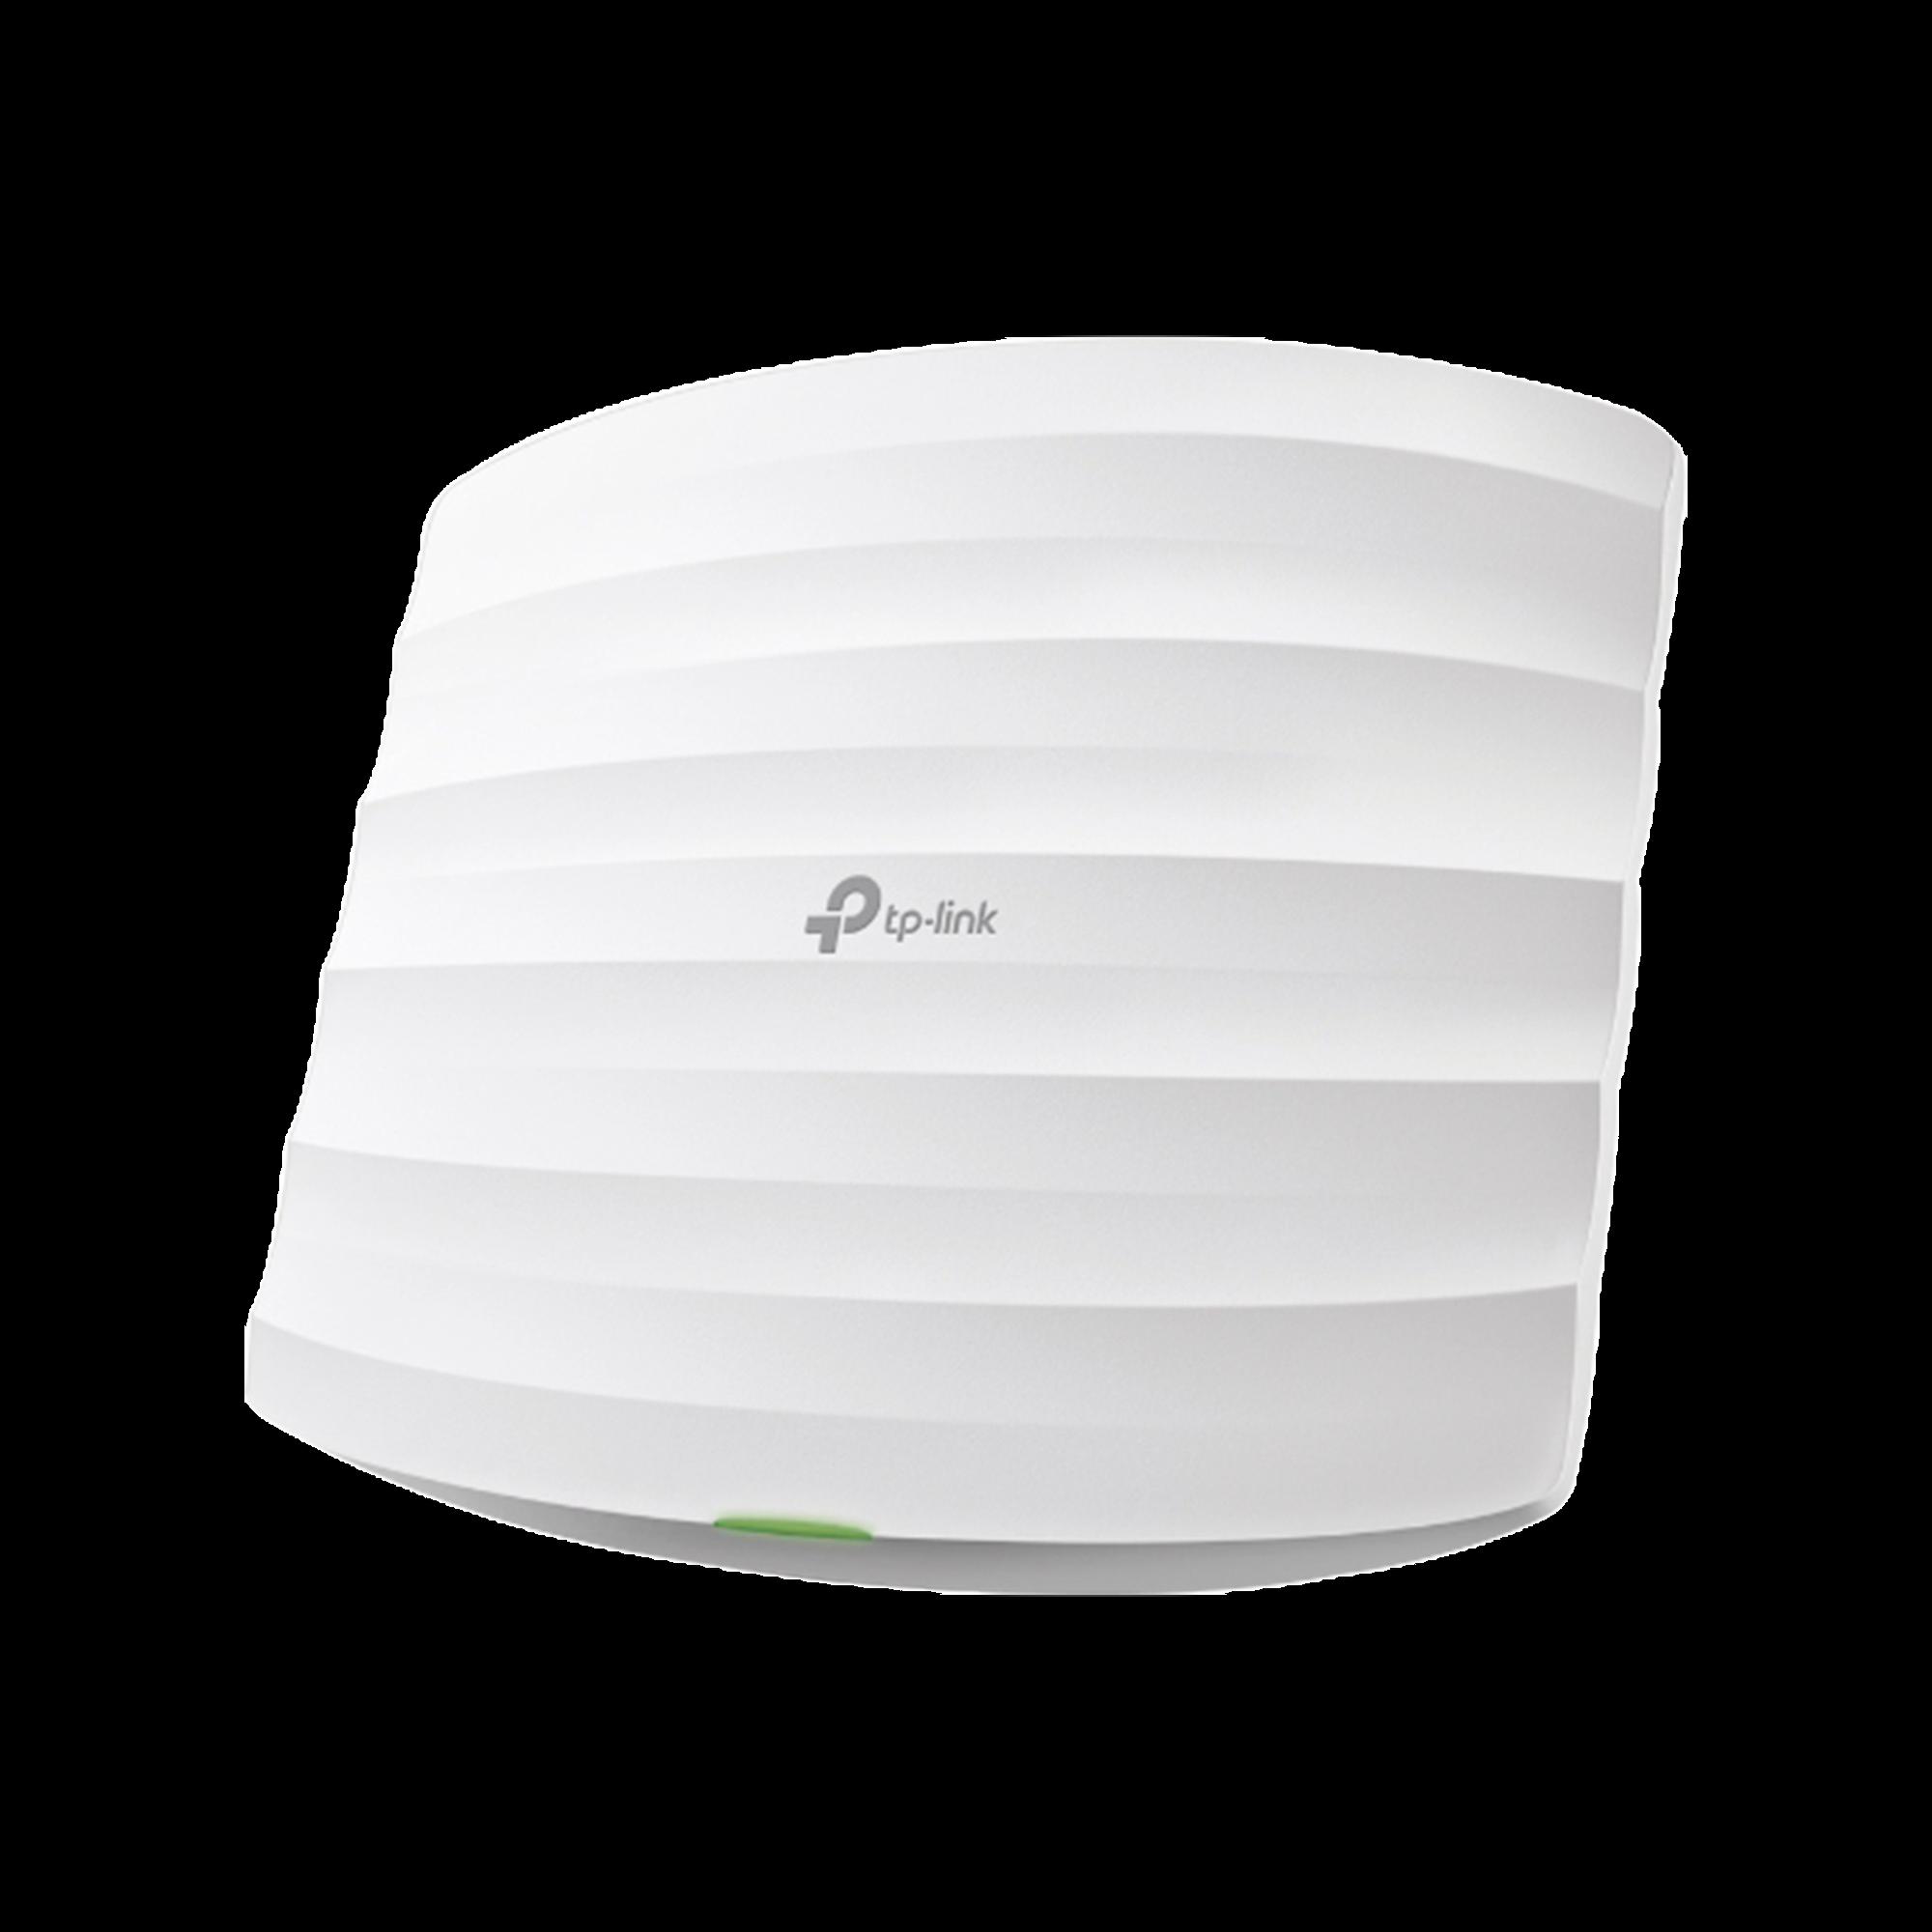 Punto de Acceso Omada, 802.11 b/g/n (2.4 GHz), hasta 300 Mbps, alimentación PoE 802.3af, para montaje en techo, soporta hasta 50 clientes.